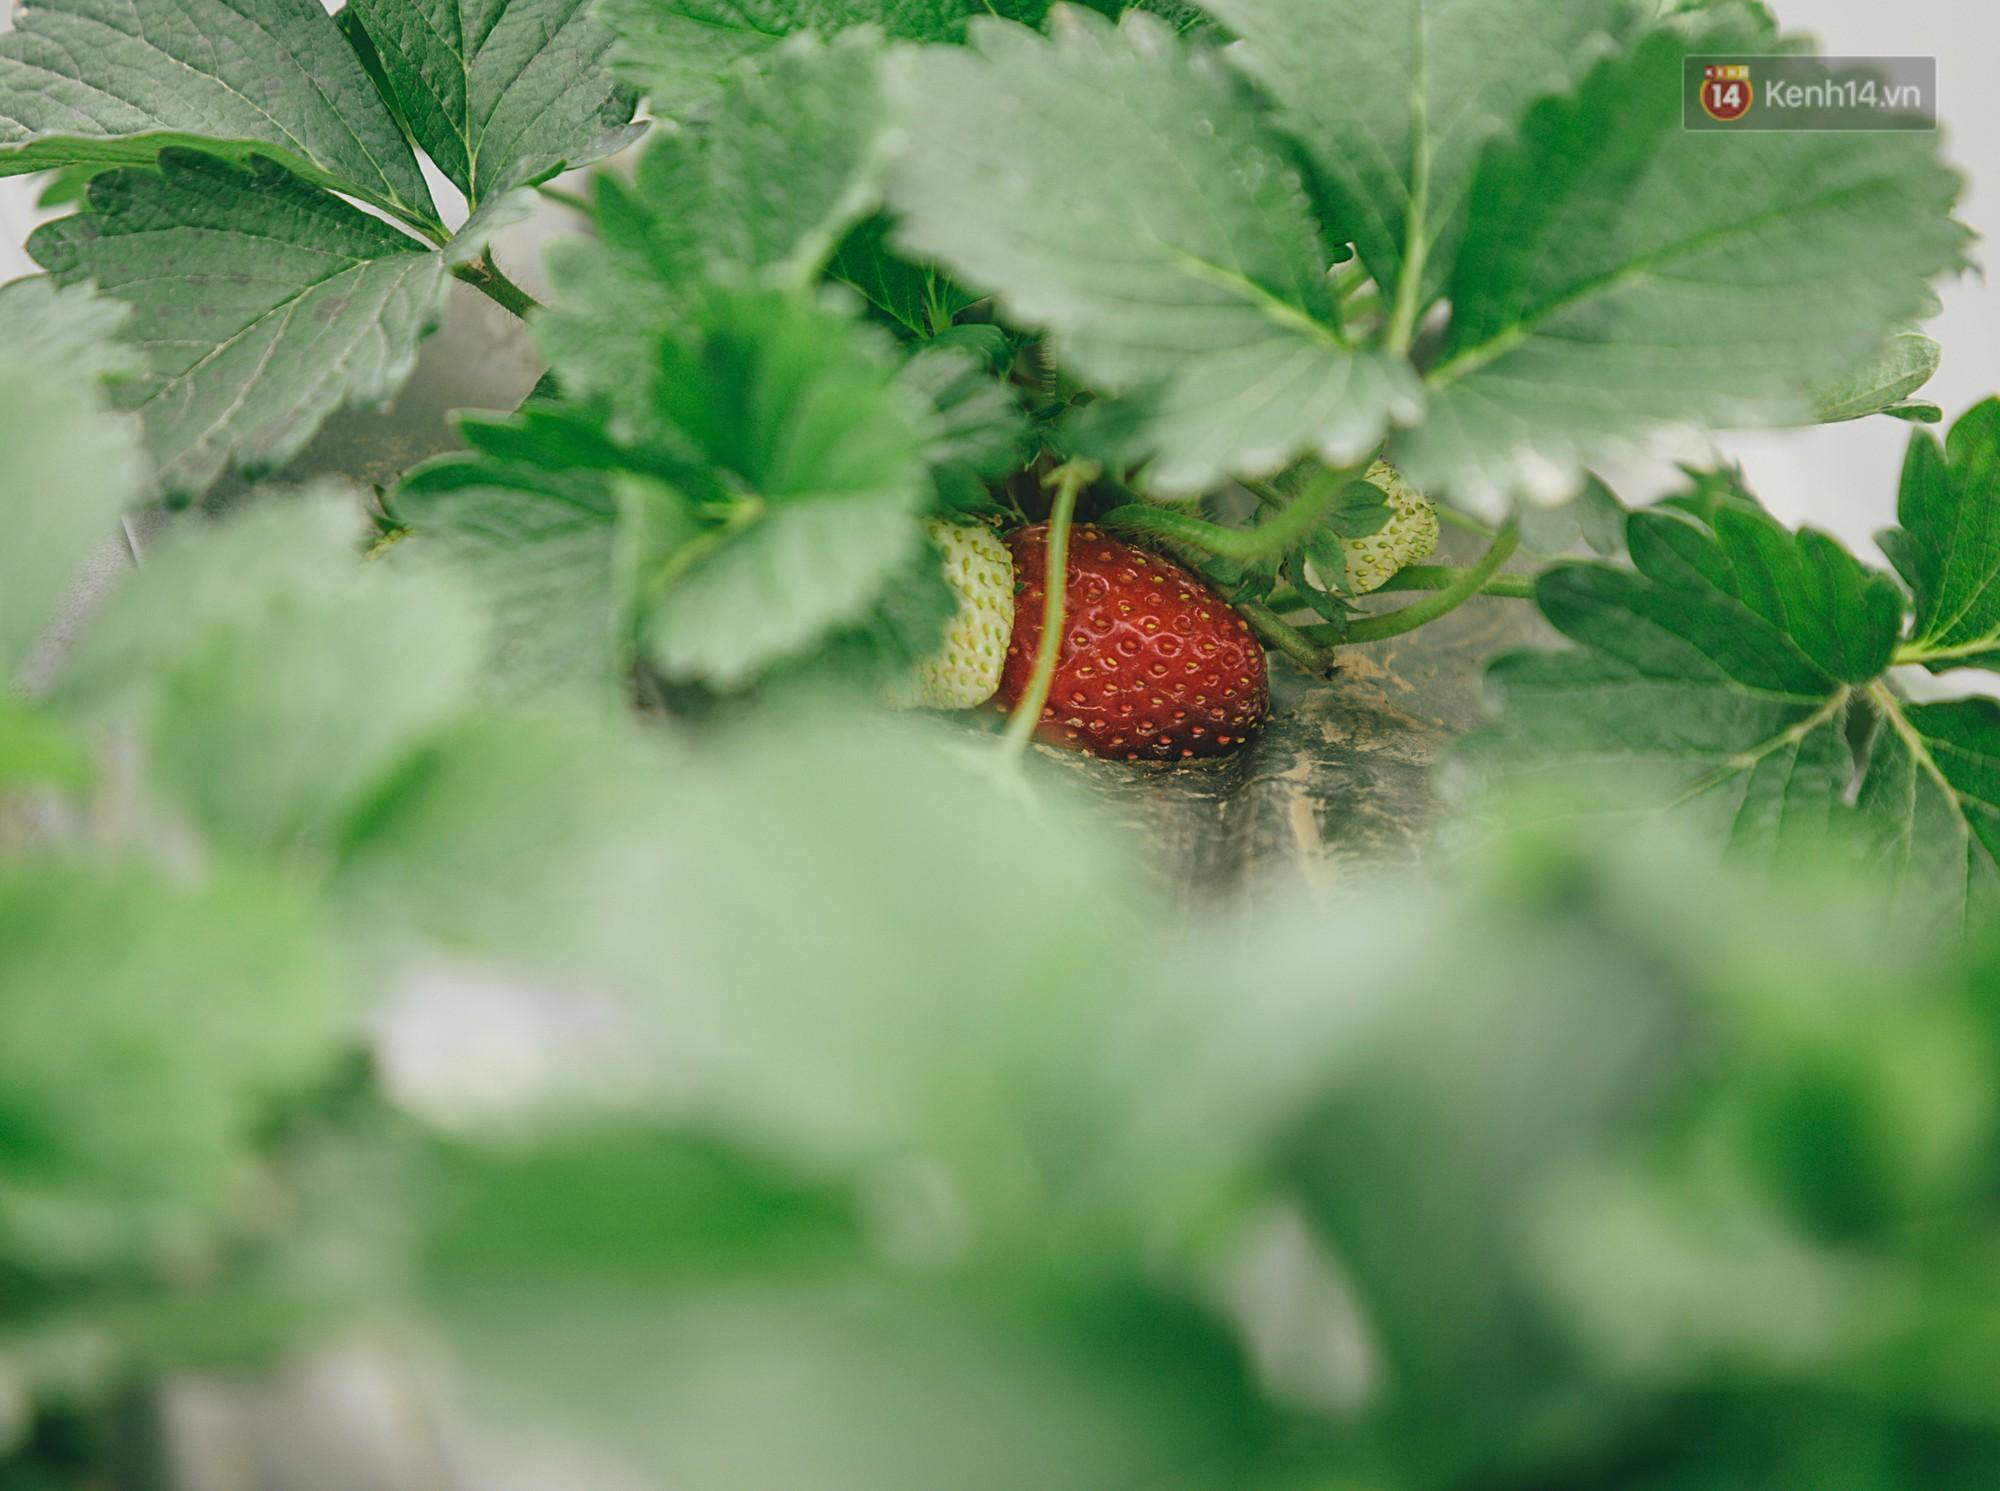 Không cần mất công đi Mộc Châu, một vườn dâu tây đã có ngay ở Hà Nội phục vụ Tết nguyên đán - Ảnh 7.